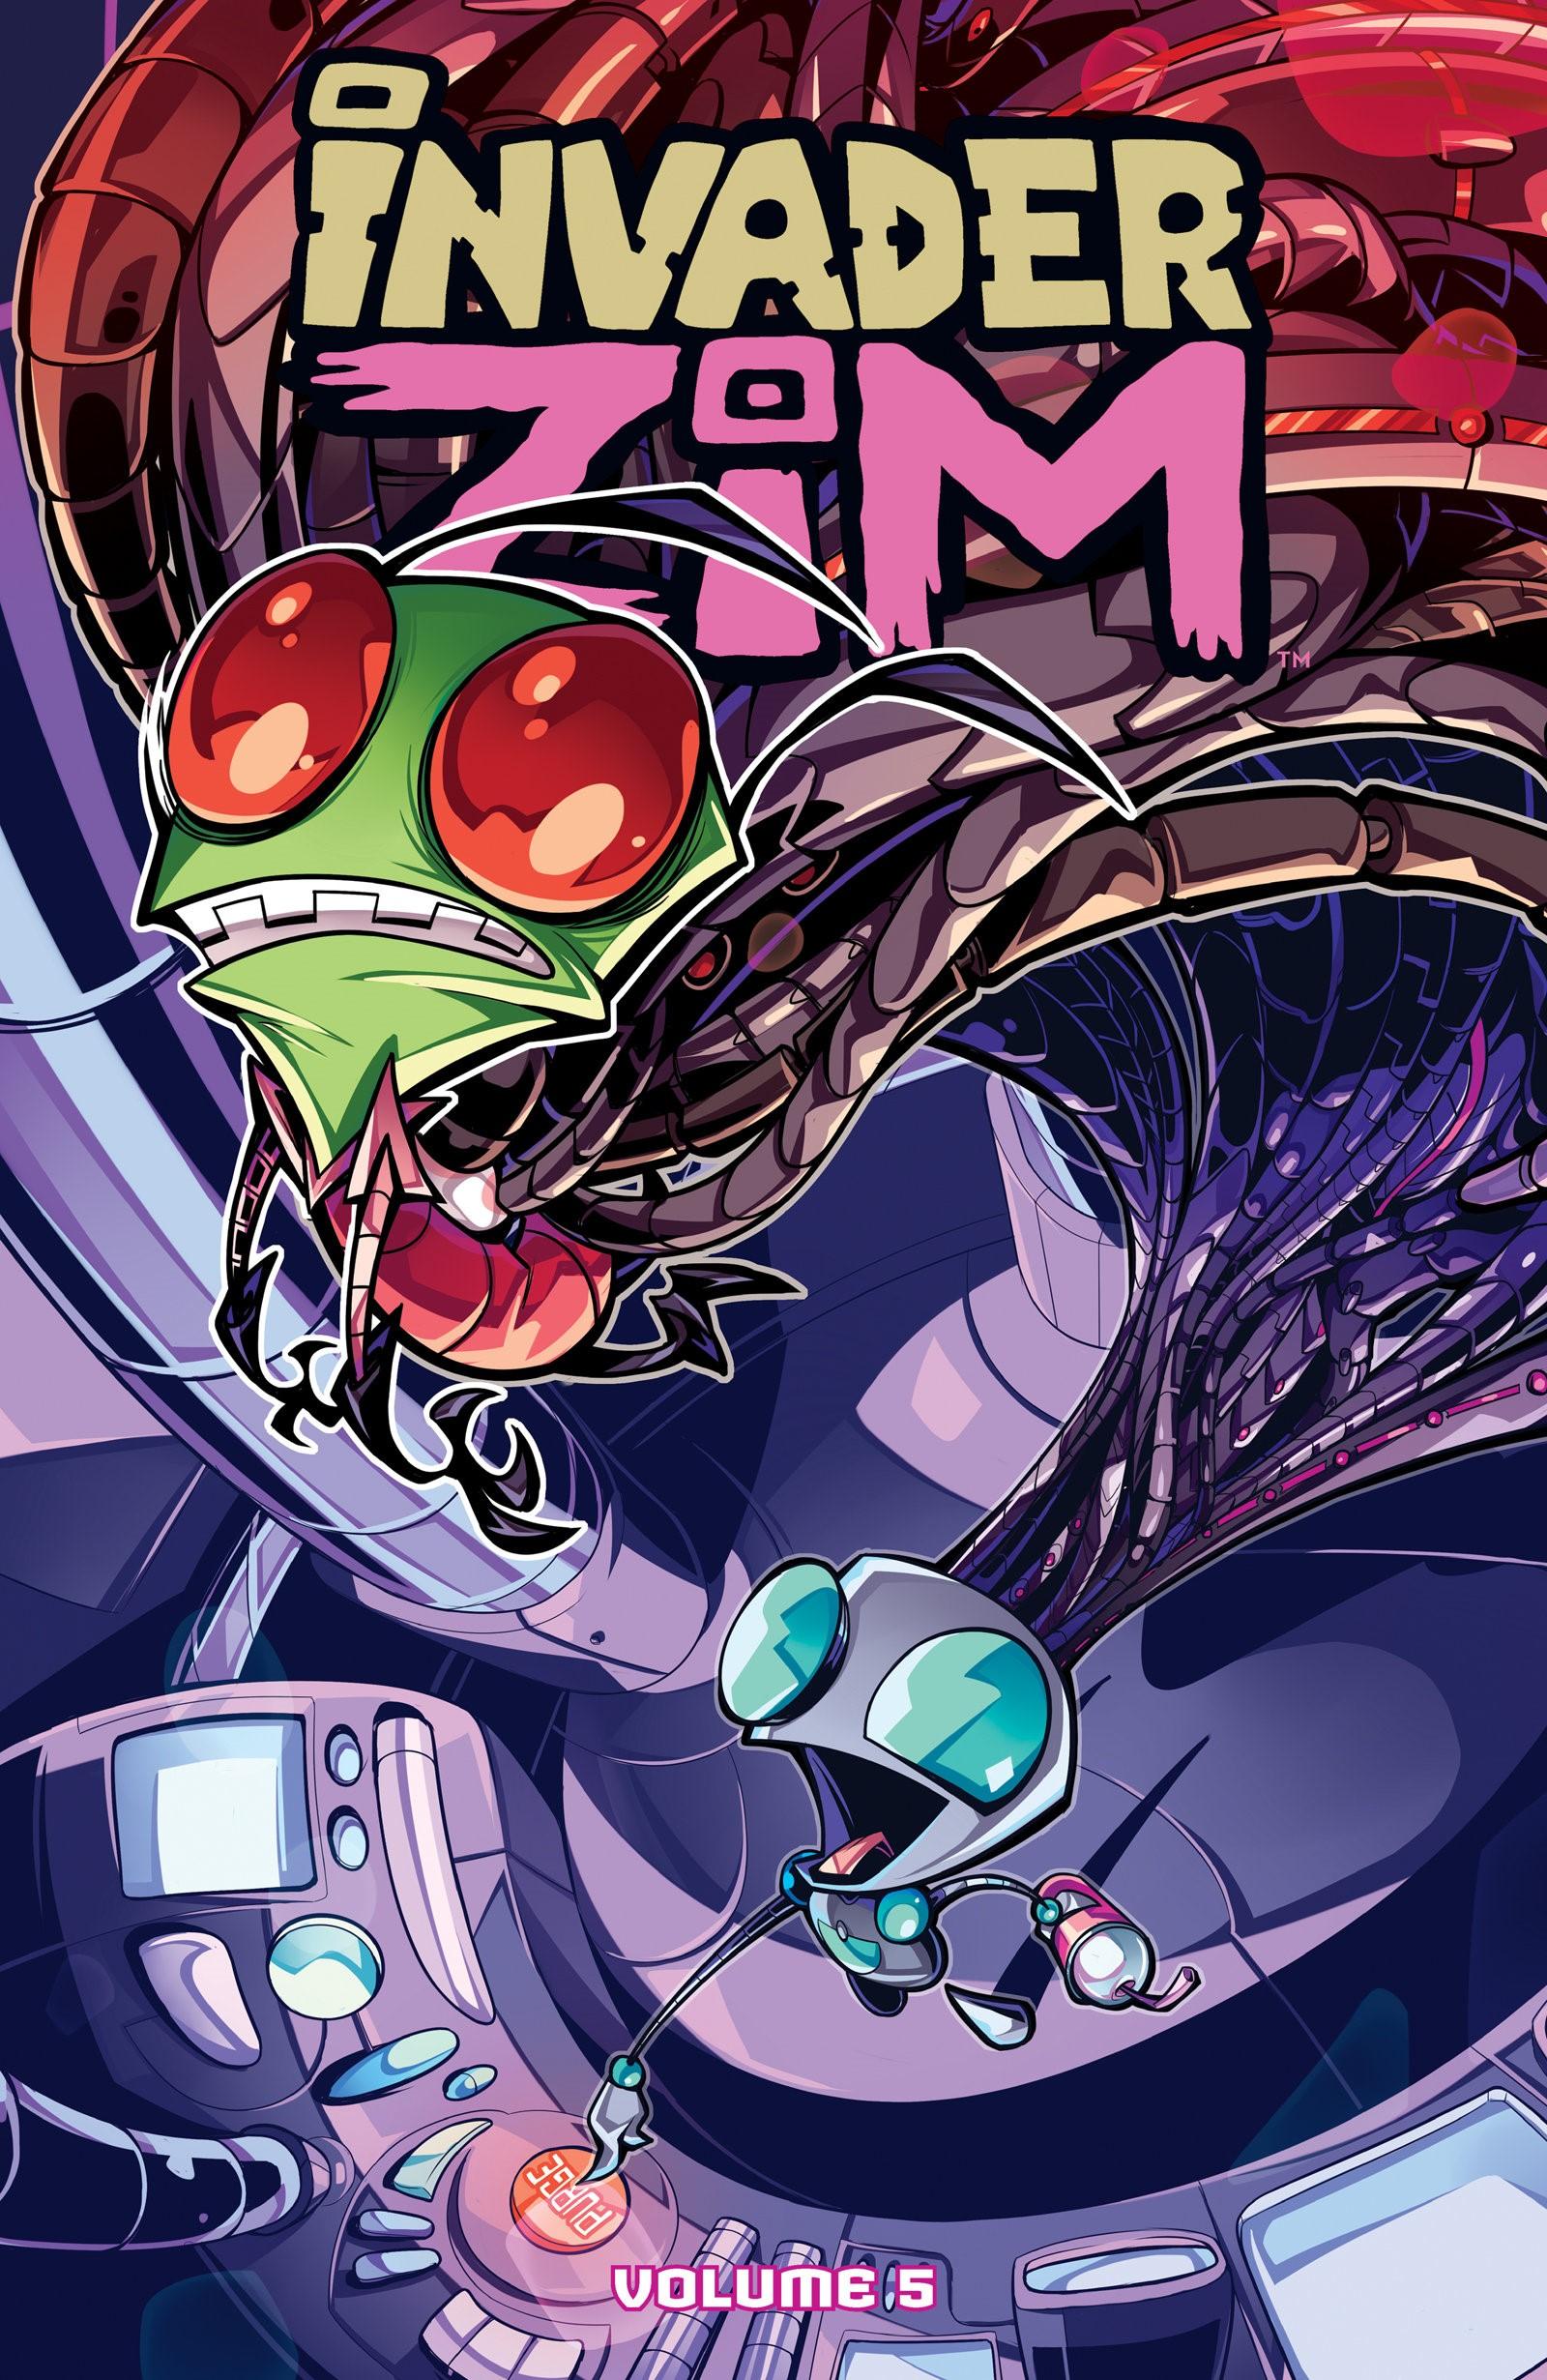 Invader ZIM Volumes 1-5